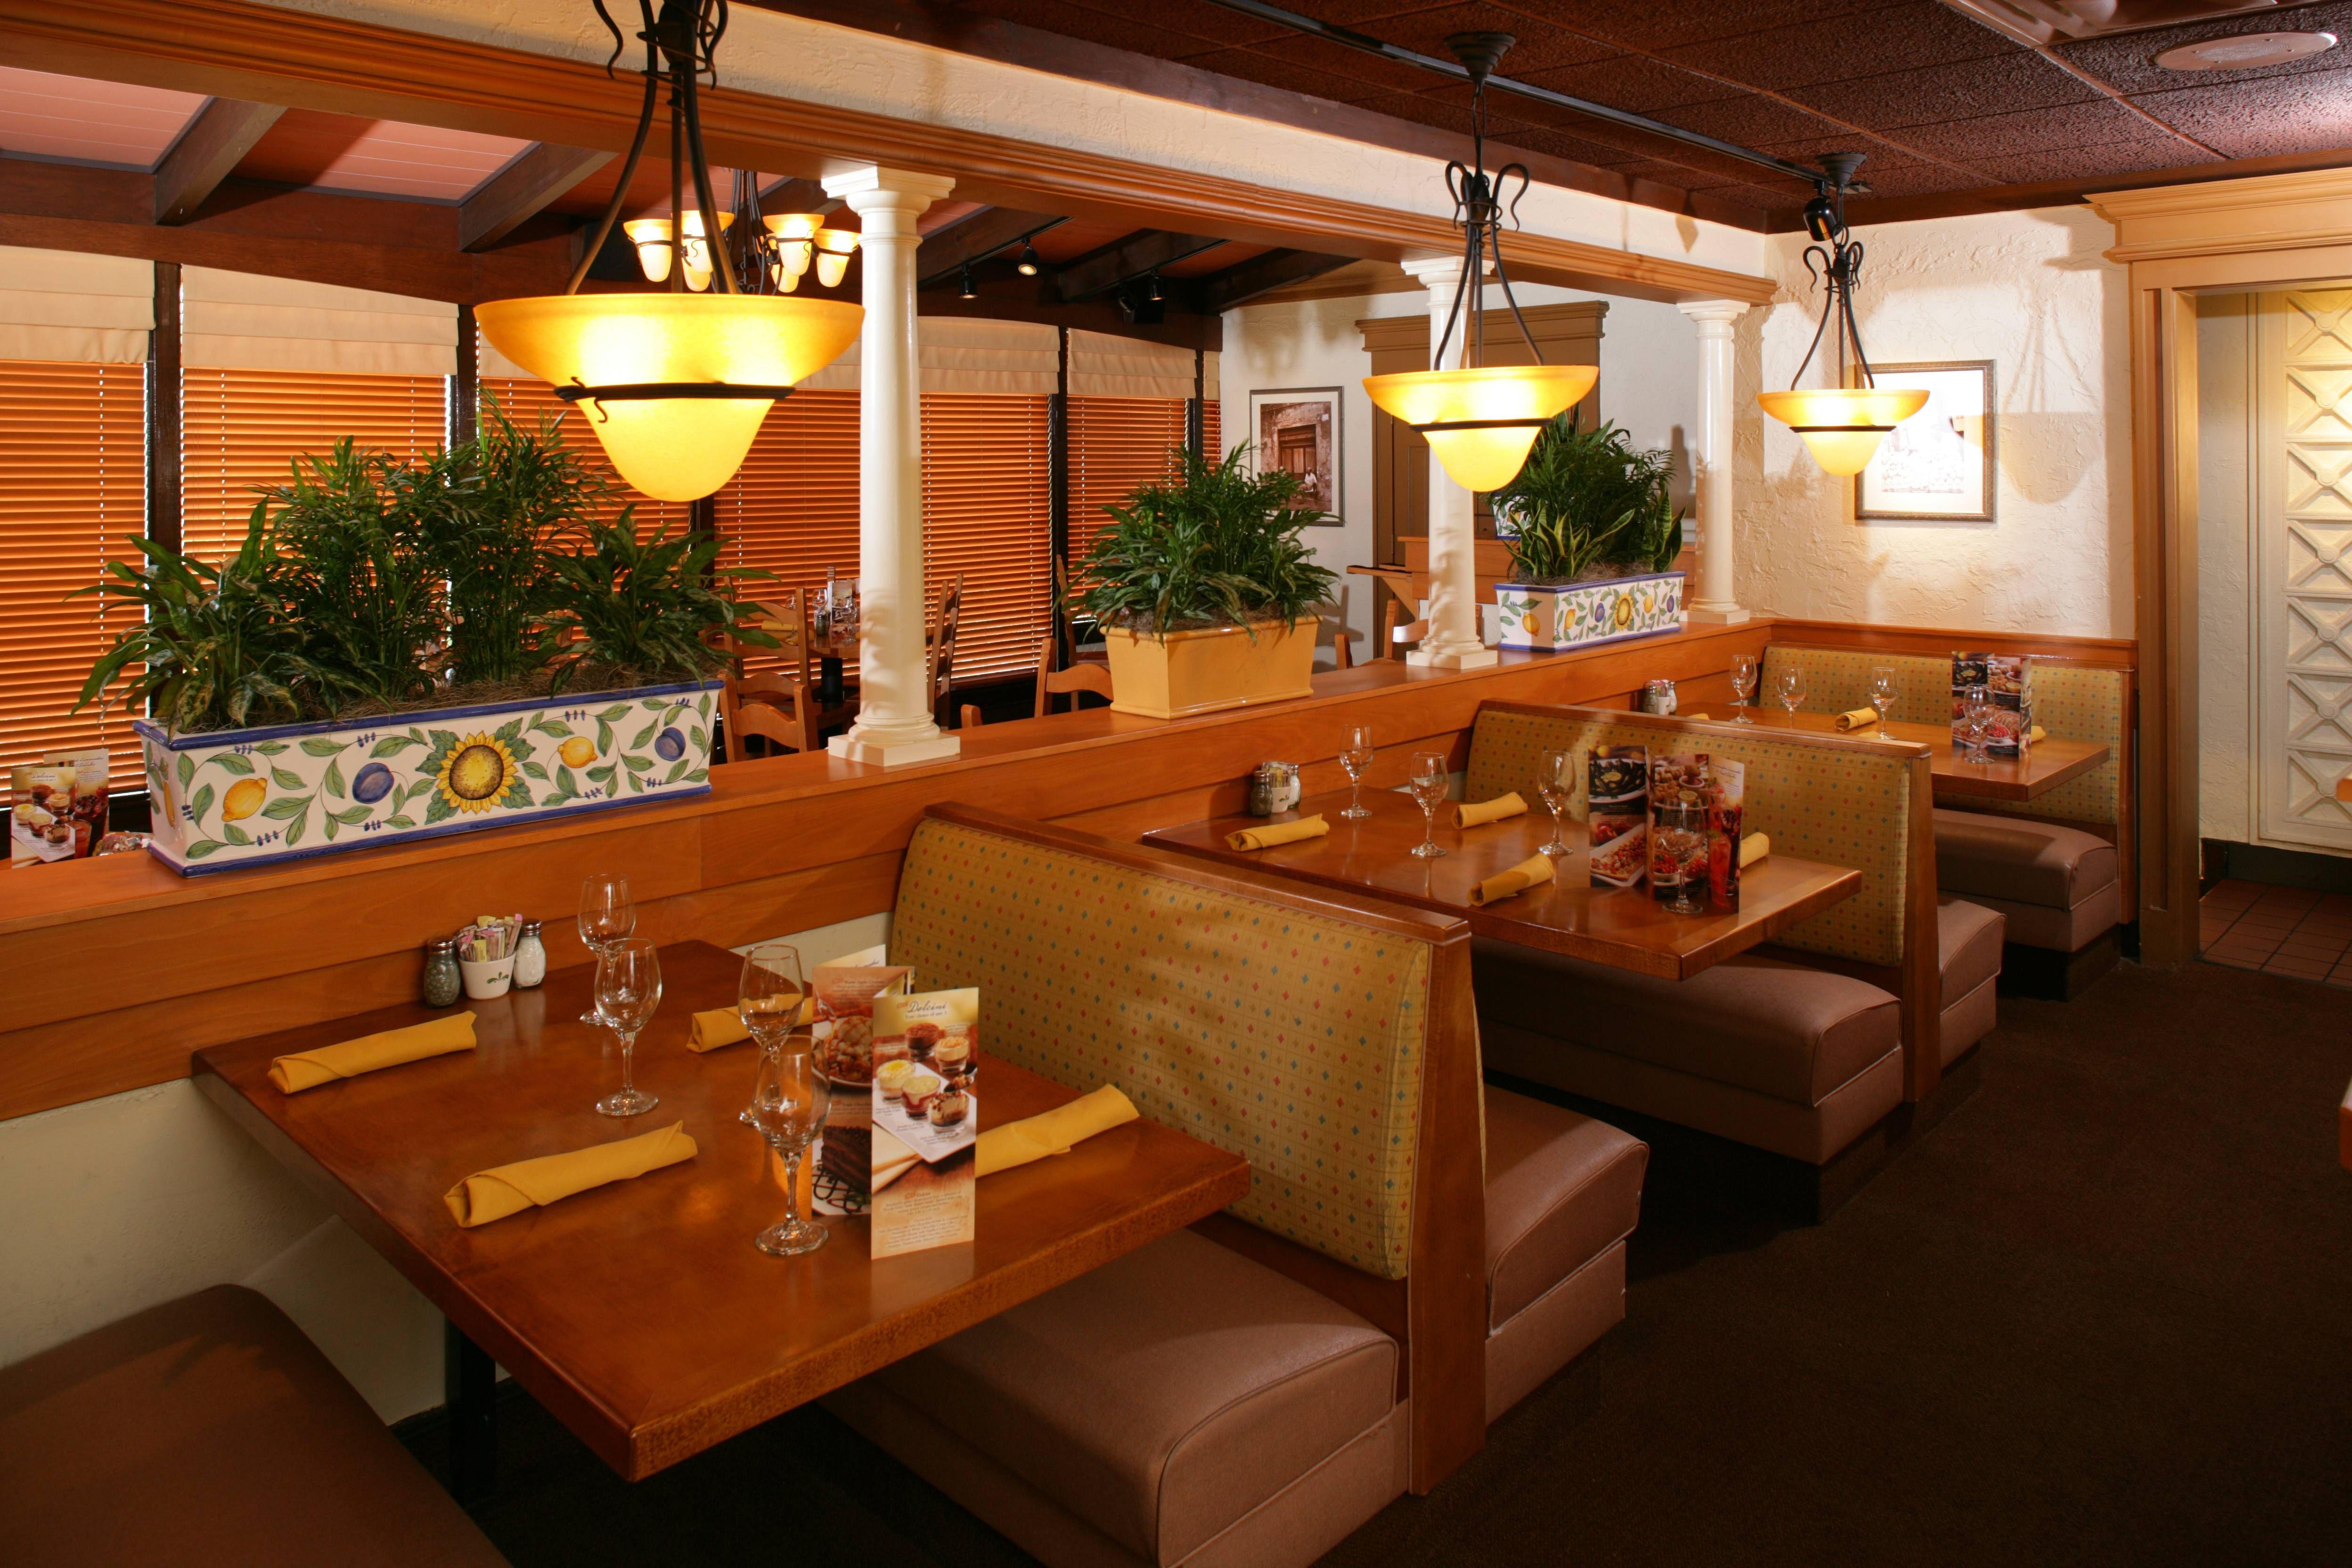 Olive Garden Dining Room 11.8 Olive garden gift card